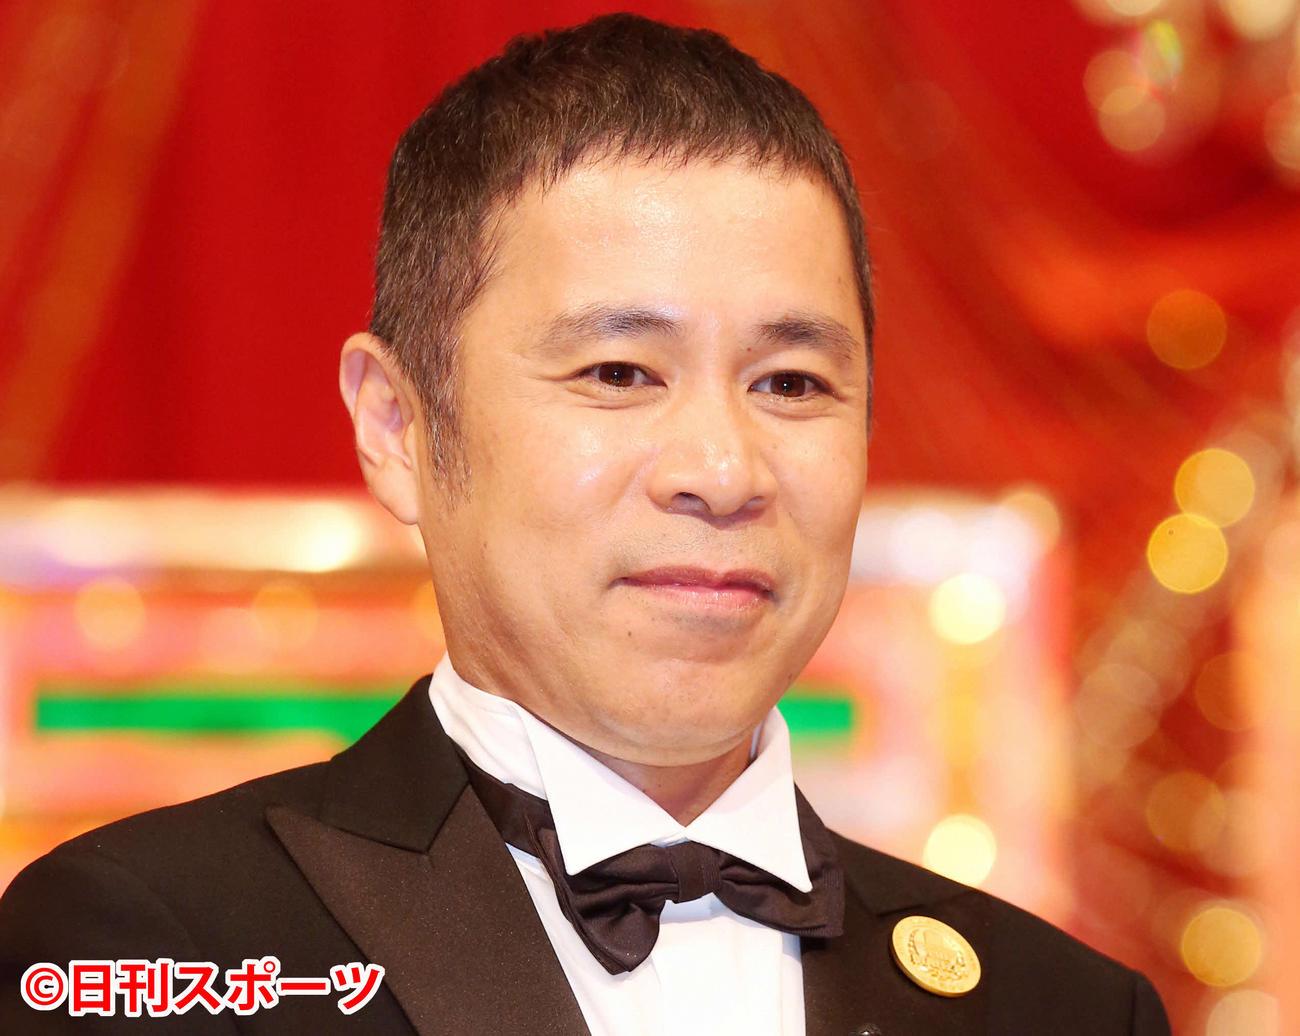 岡村隆史(2014年12月14日撮影)